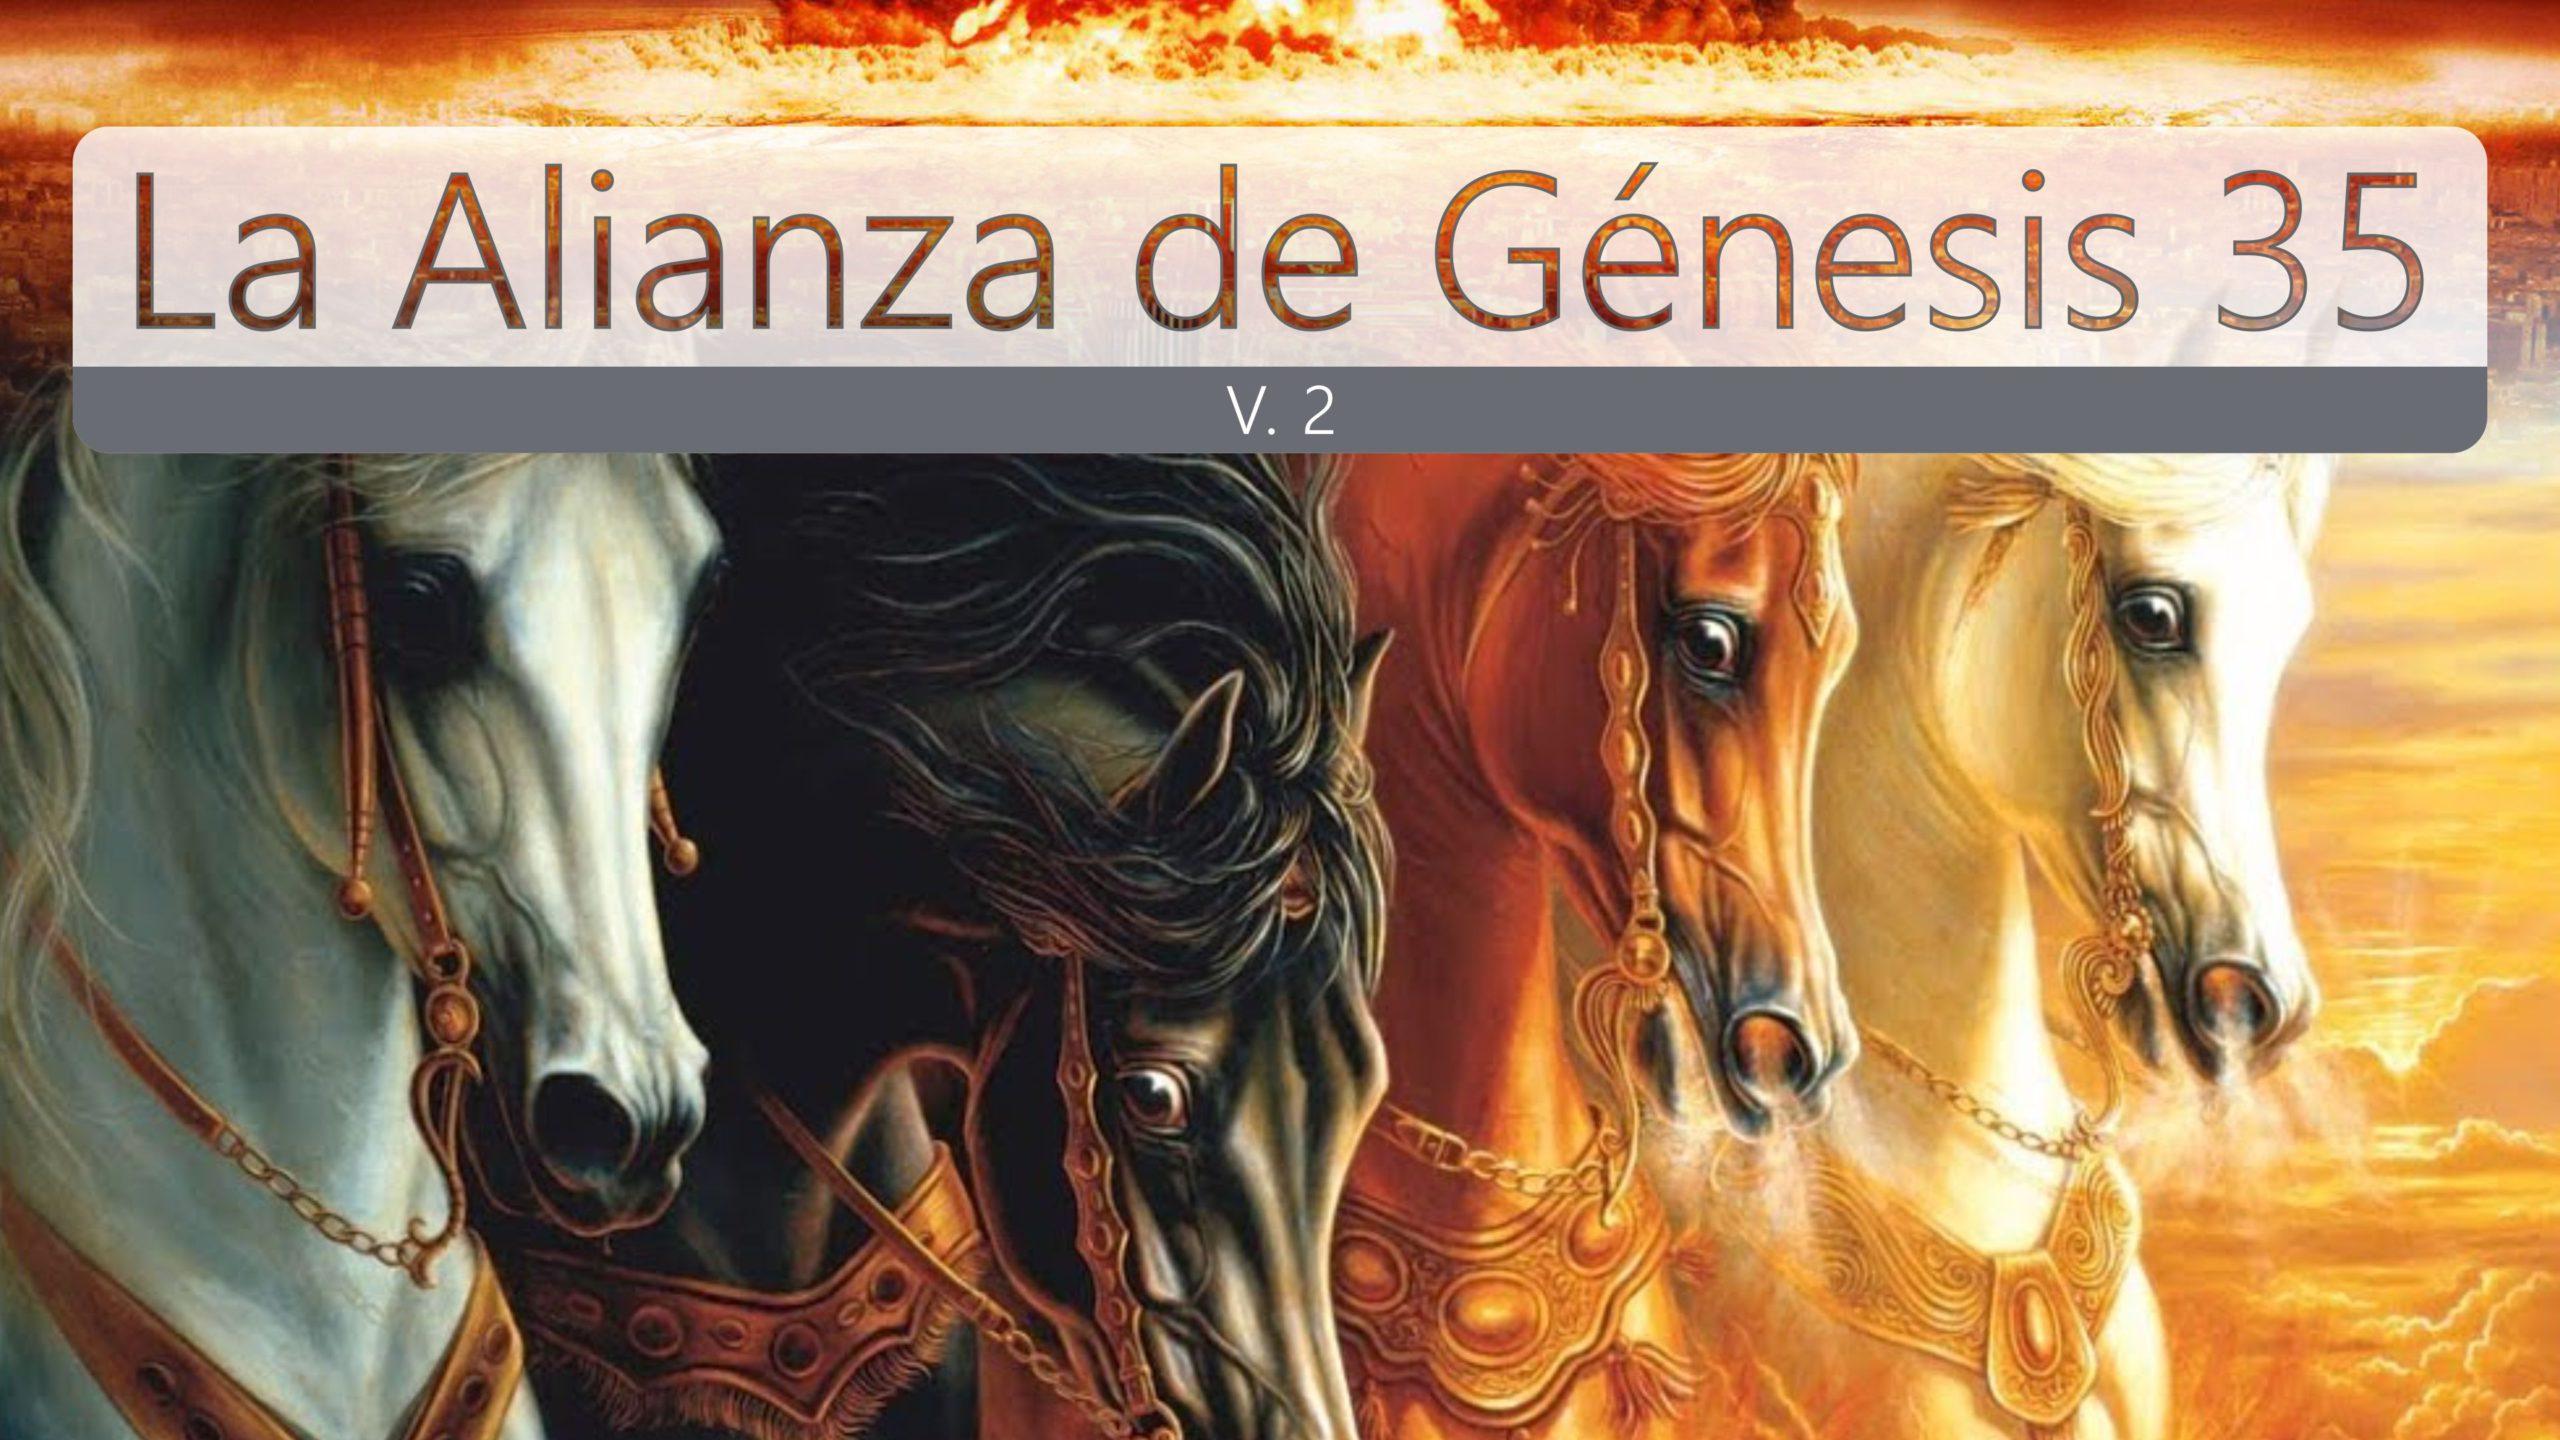 La Alianza de Génesis 35 v2